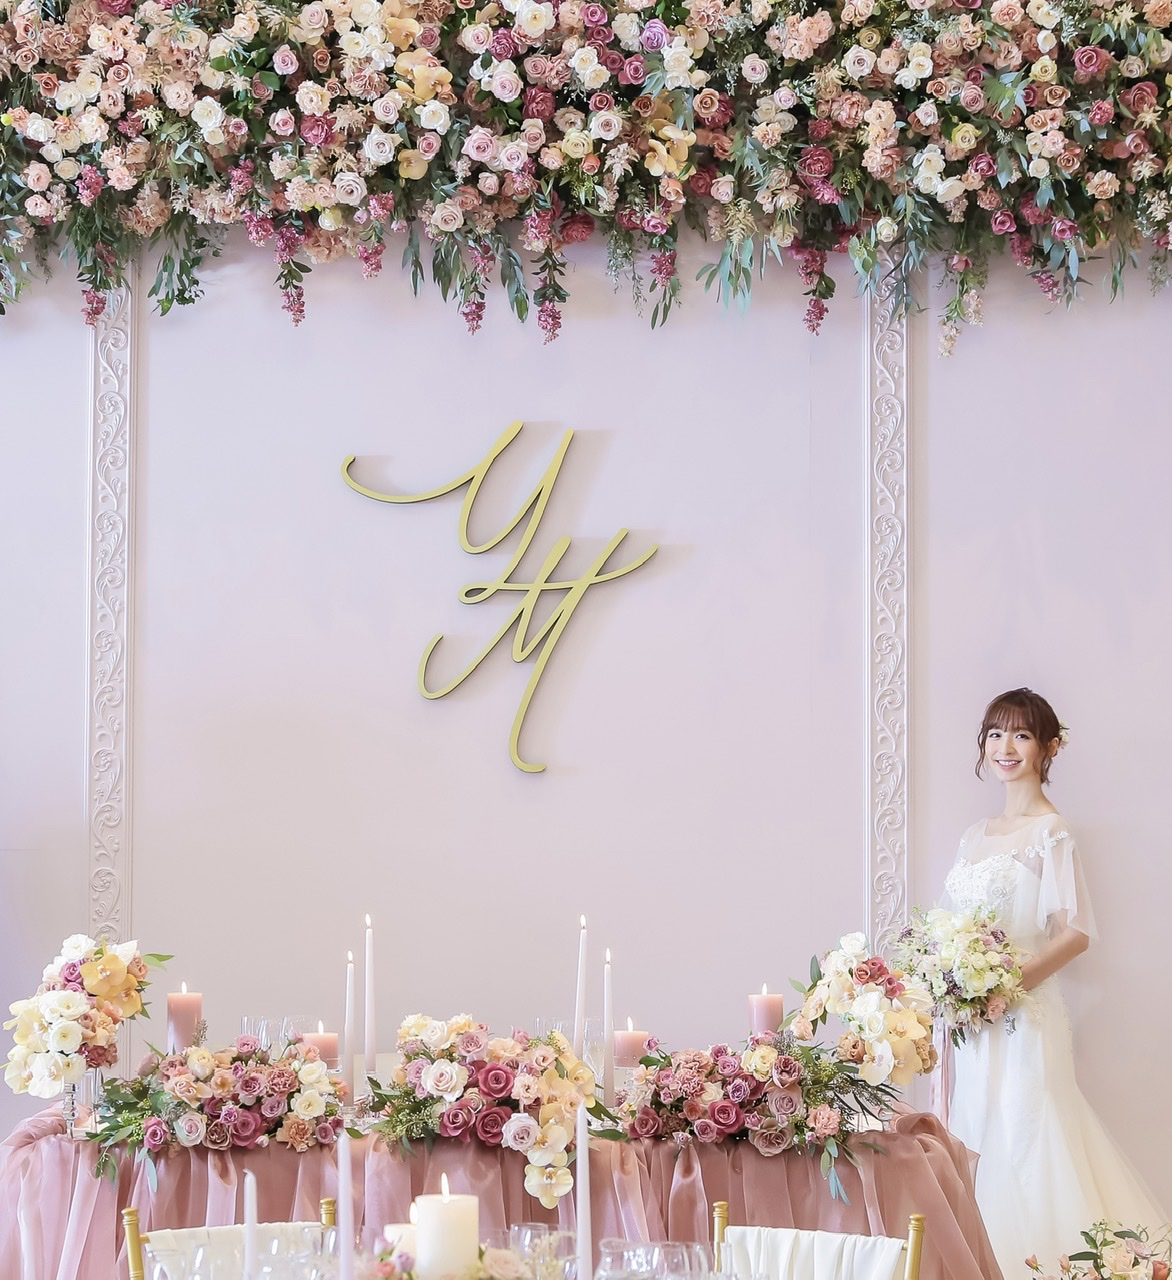 タレント篠田麻里子さんのweddingをオートクチュールデザインがプロデュース致しました!